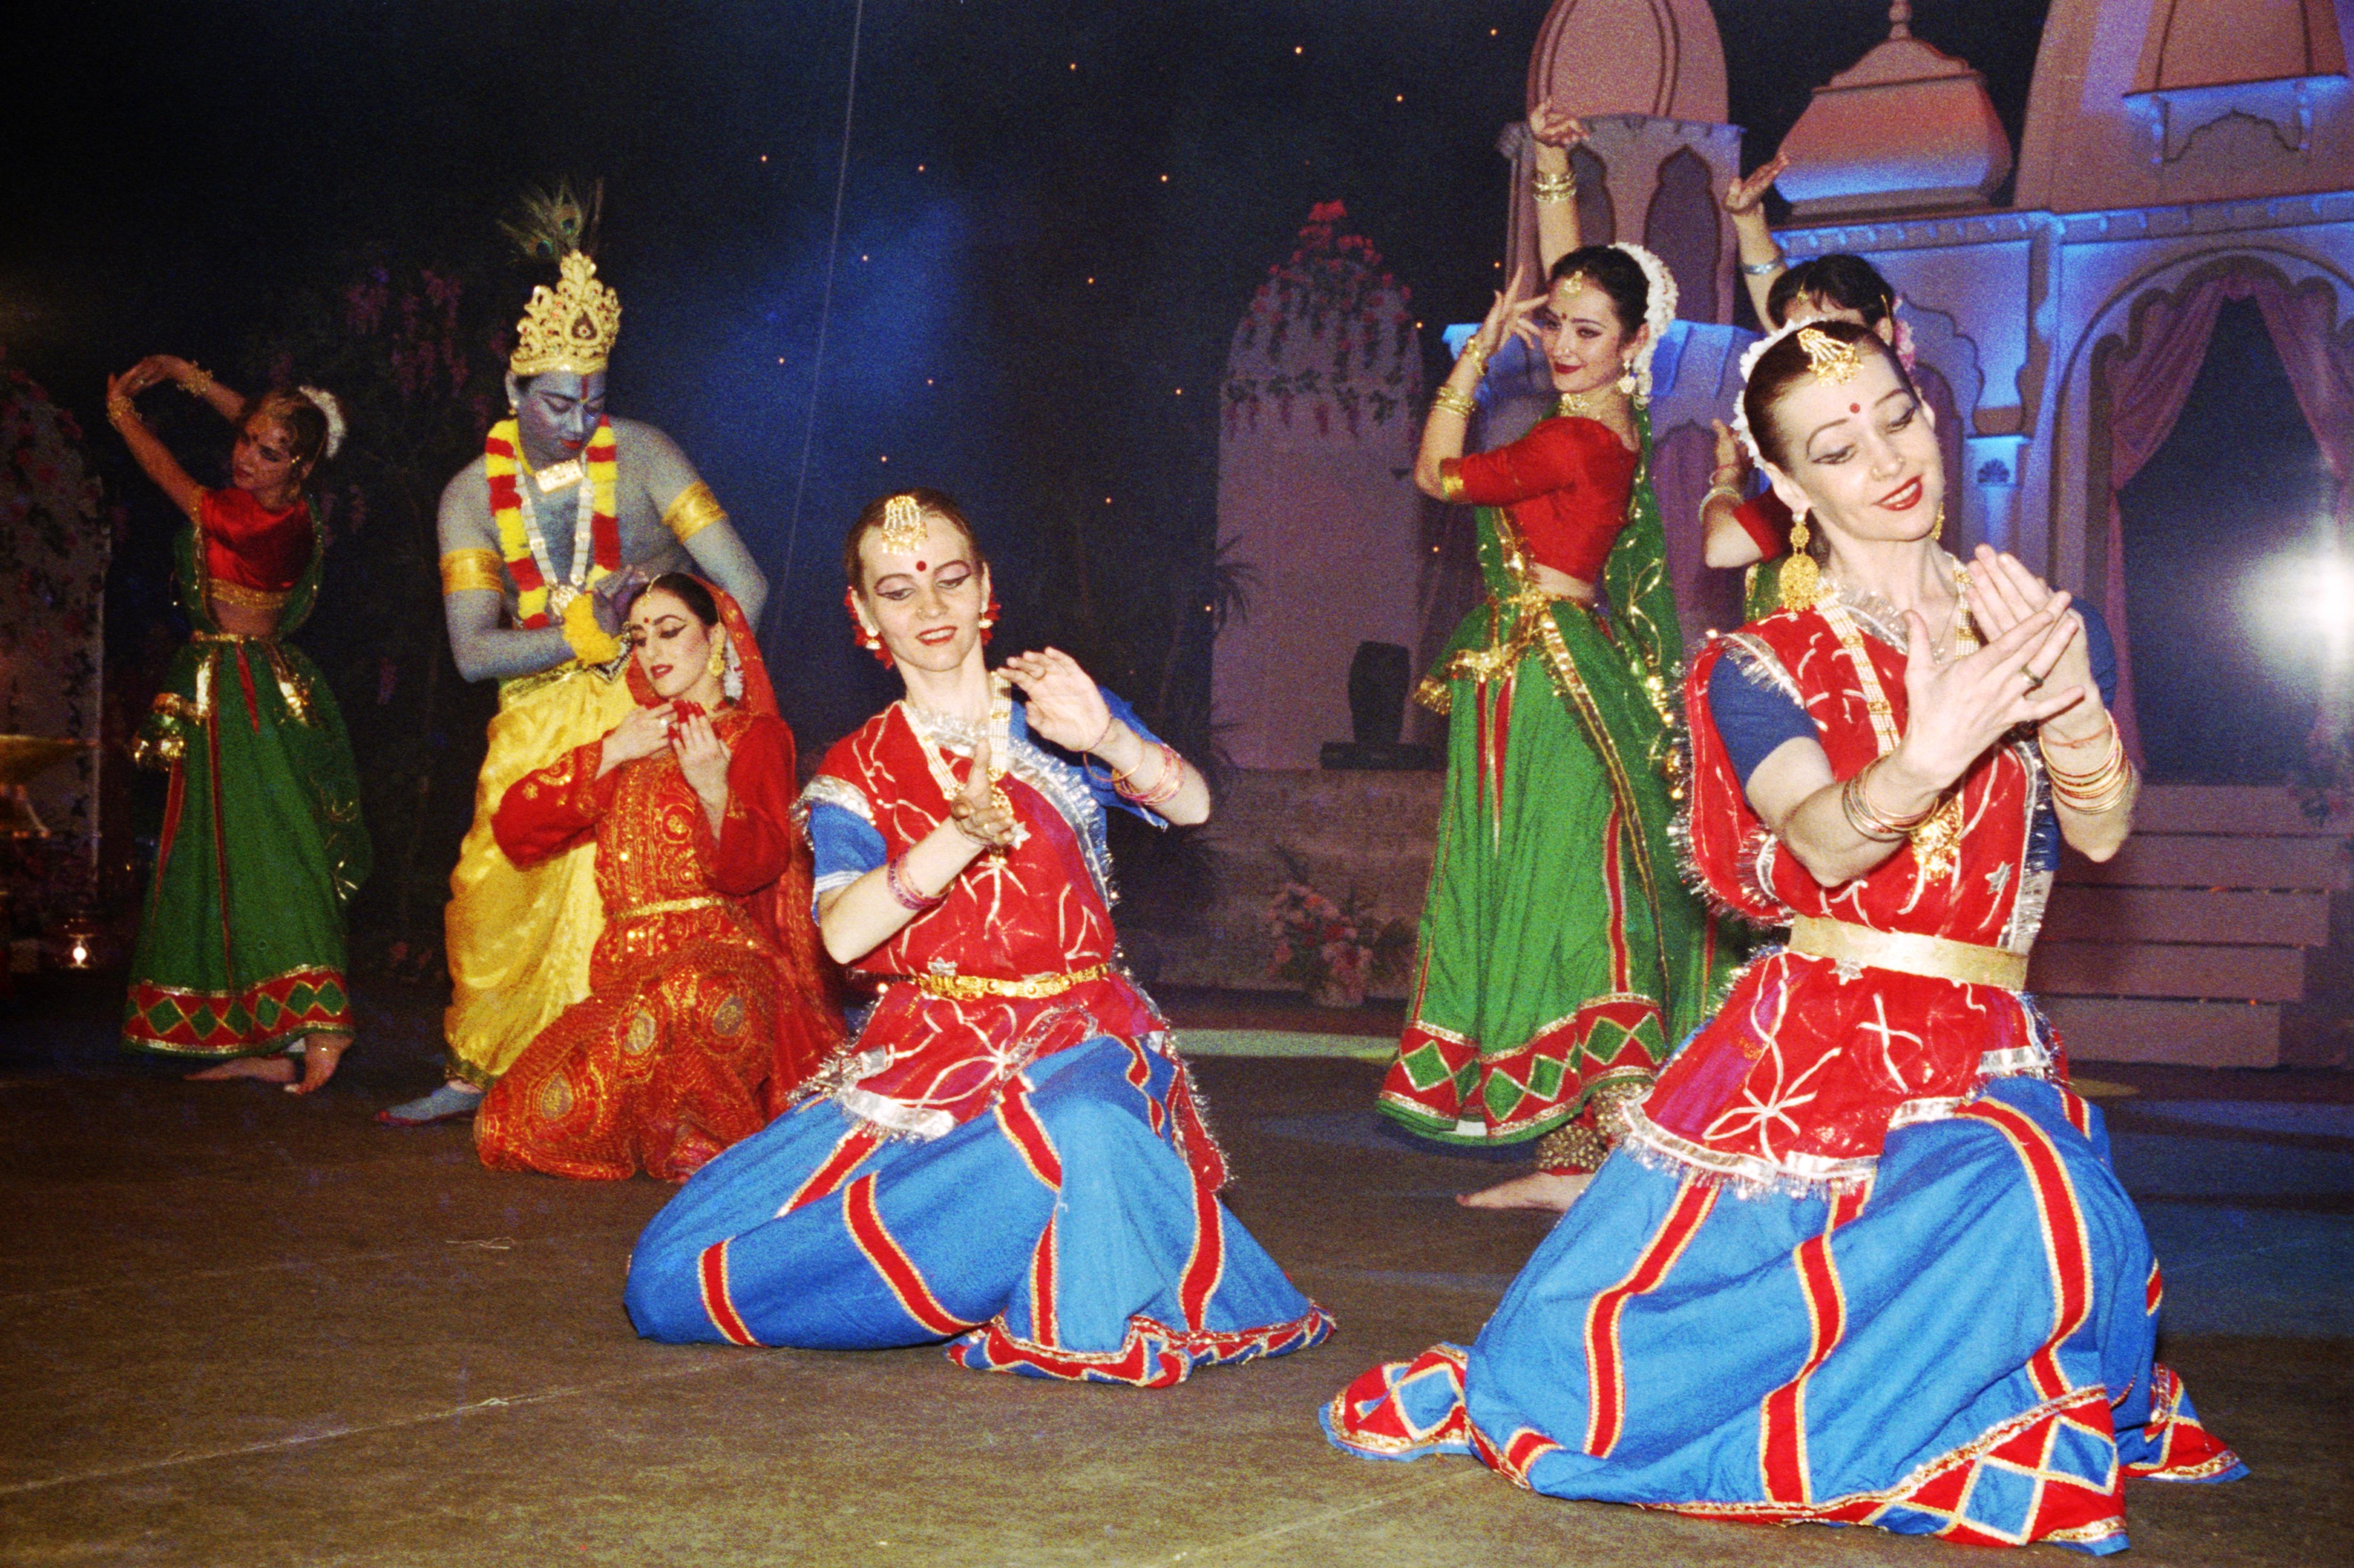 В Чечне на 200-летие Грозного устроят фестиваль индийской культуры